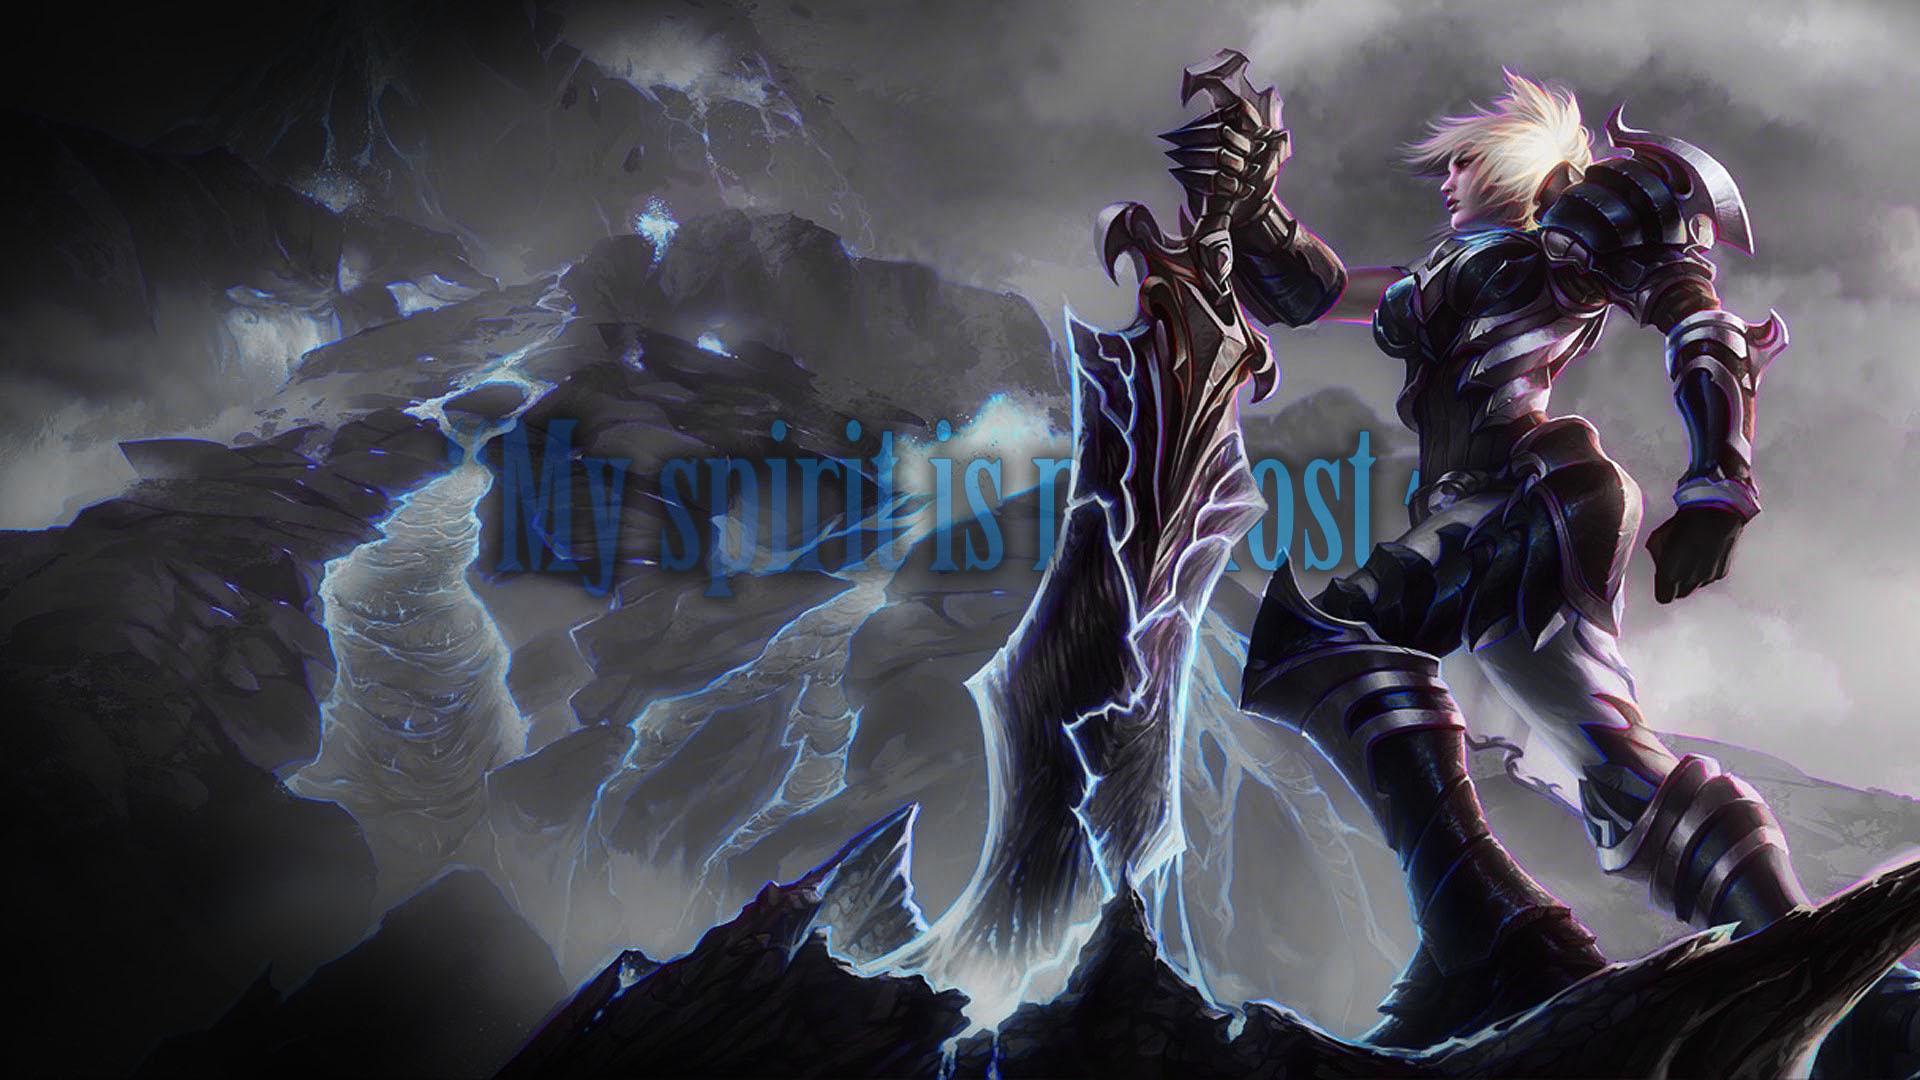 Dragonblade Riven Wallpaper 1920x1080 Download